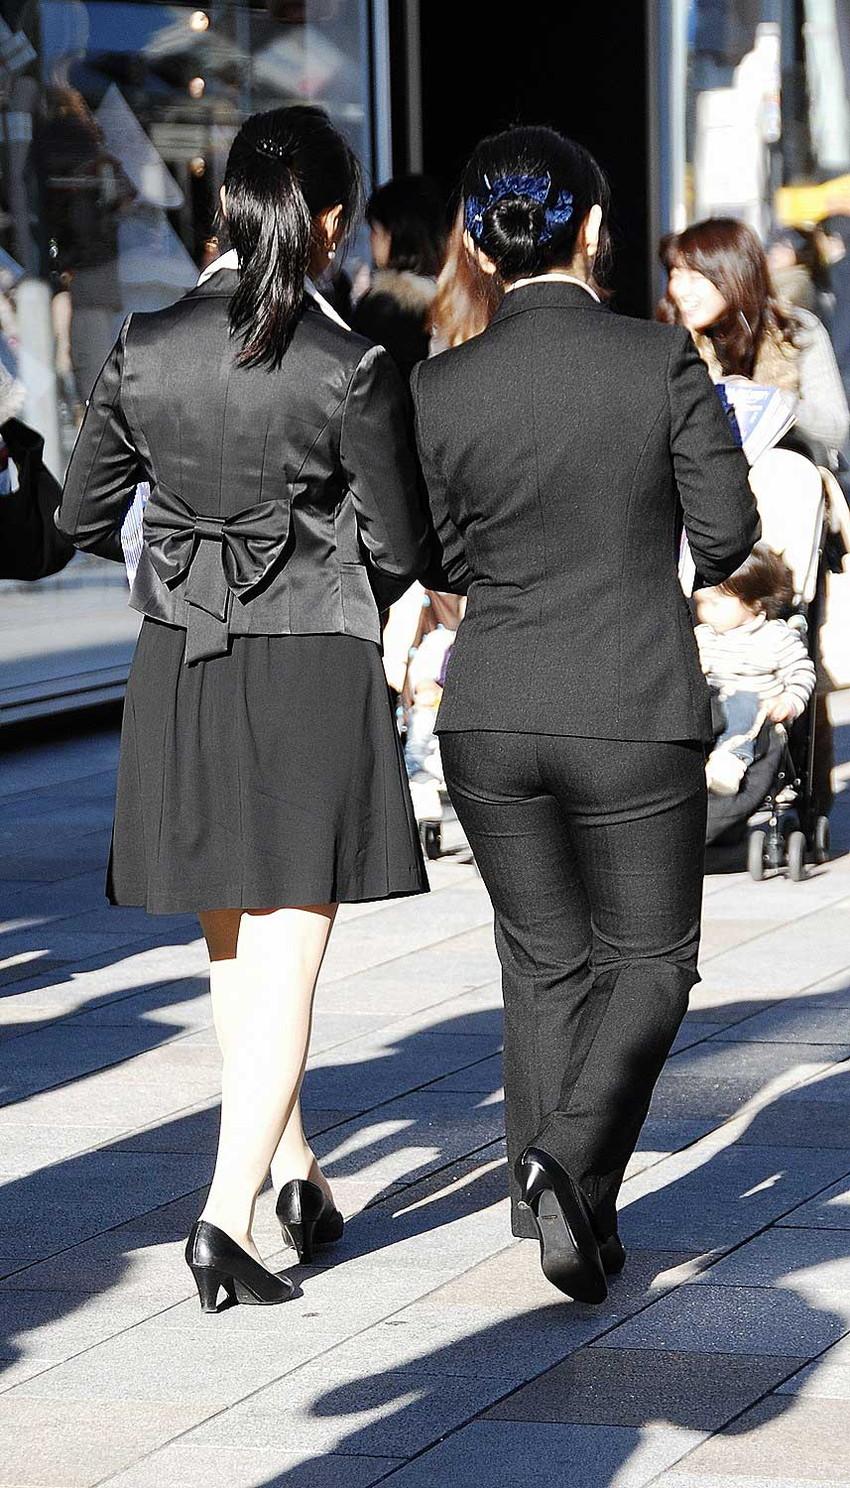 【パンツスーツエロ画像】タイトなパンツスーツの尻ほどエロいものは無い!街中で最もエロい恰好で歩いちゃってる働く女性達の尻画像厳選50枚でヌけ! 06